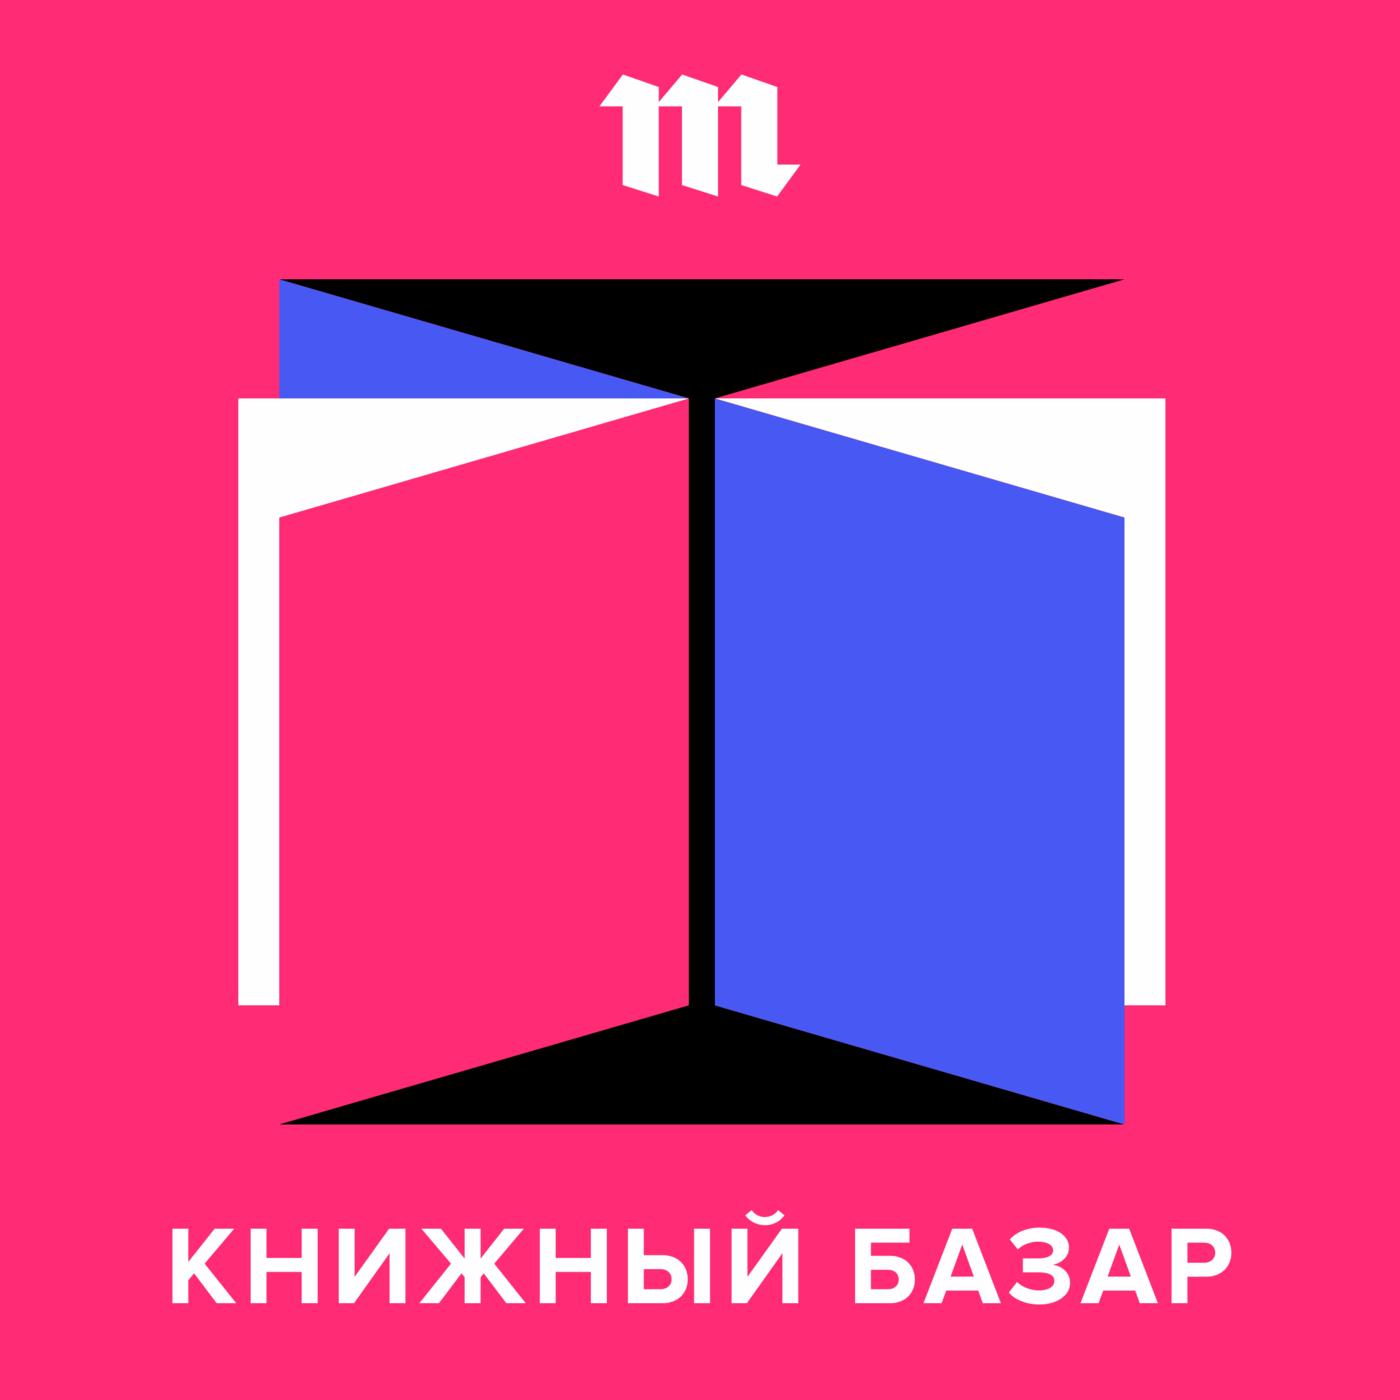 Глава, в которой в «Книжном базаре» появляется Антон Долин. Летом 2019 года здесь не только книги, но и кино!